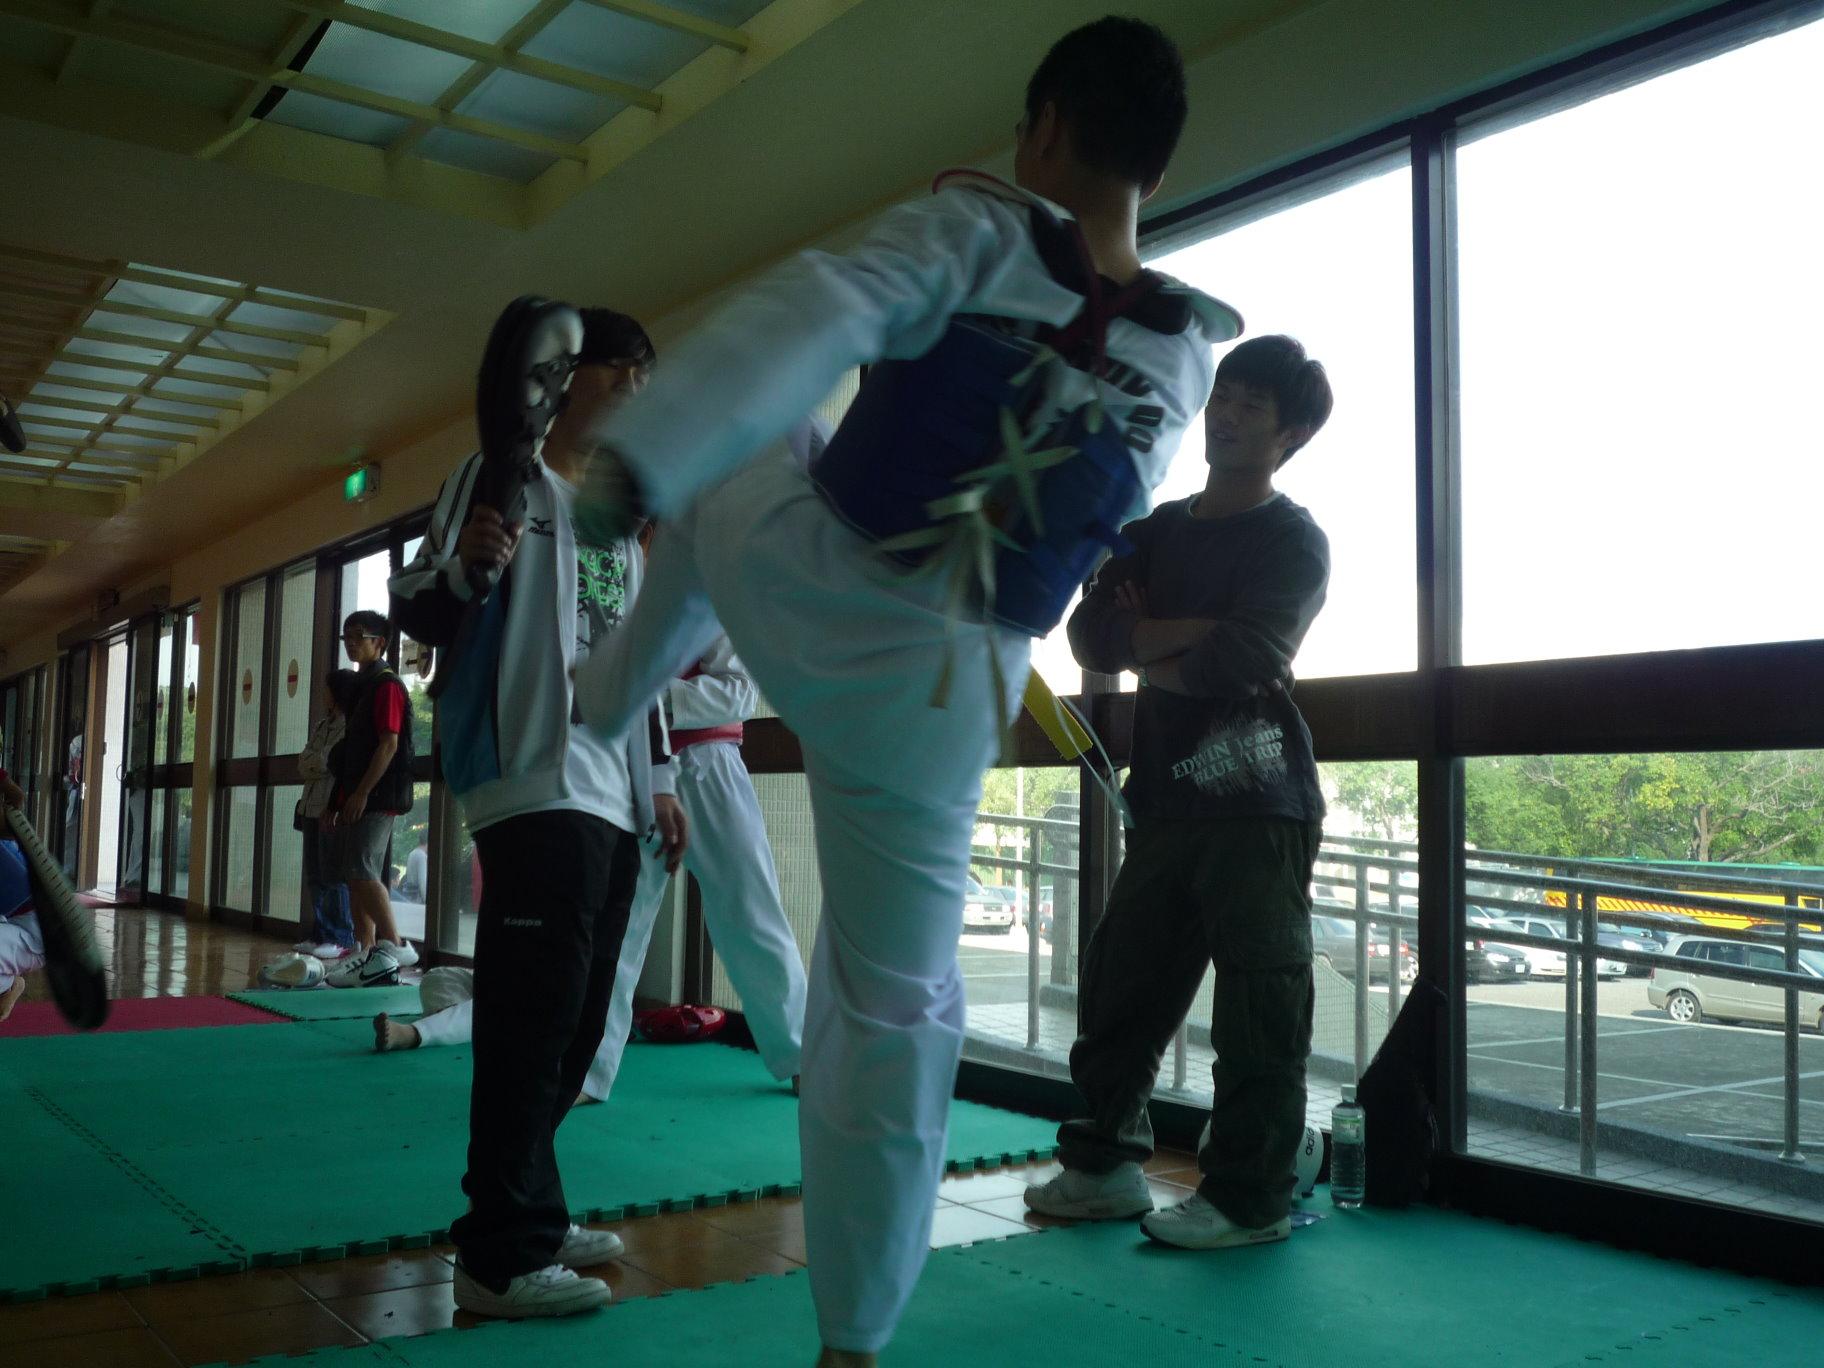 中原跆拳連奪全國錦標賽金、銅牌 戰績輝煌